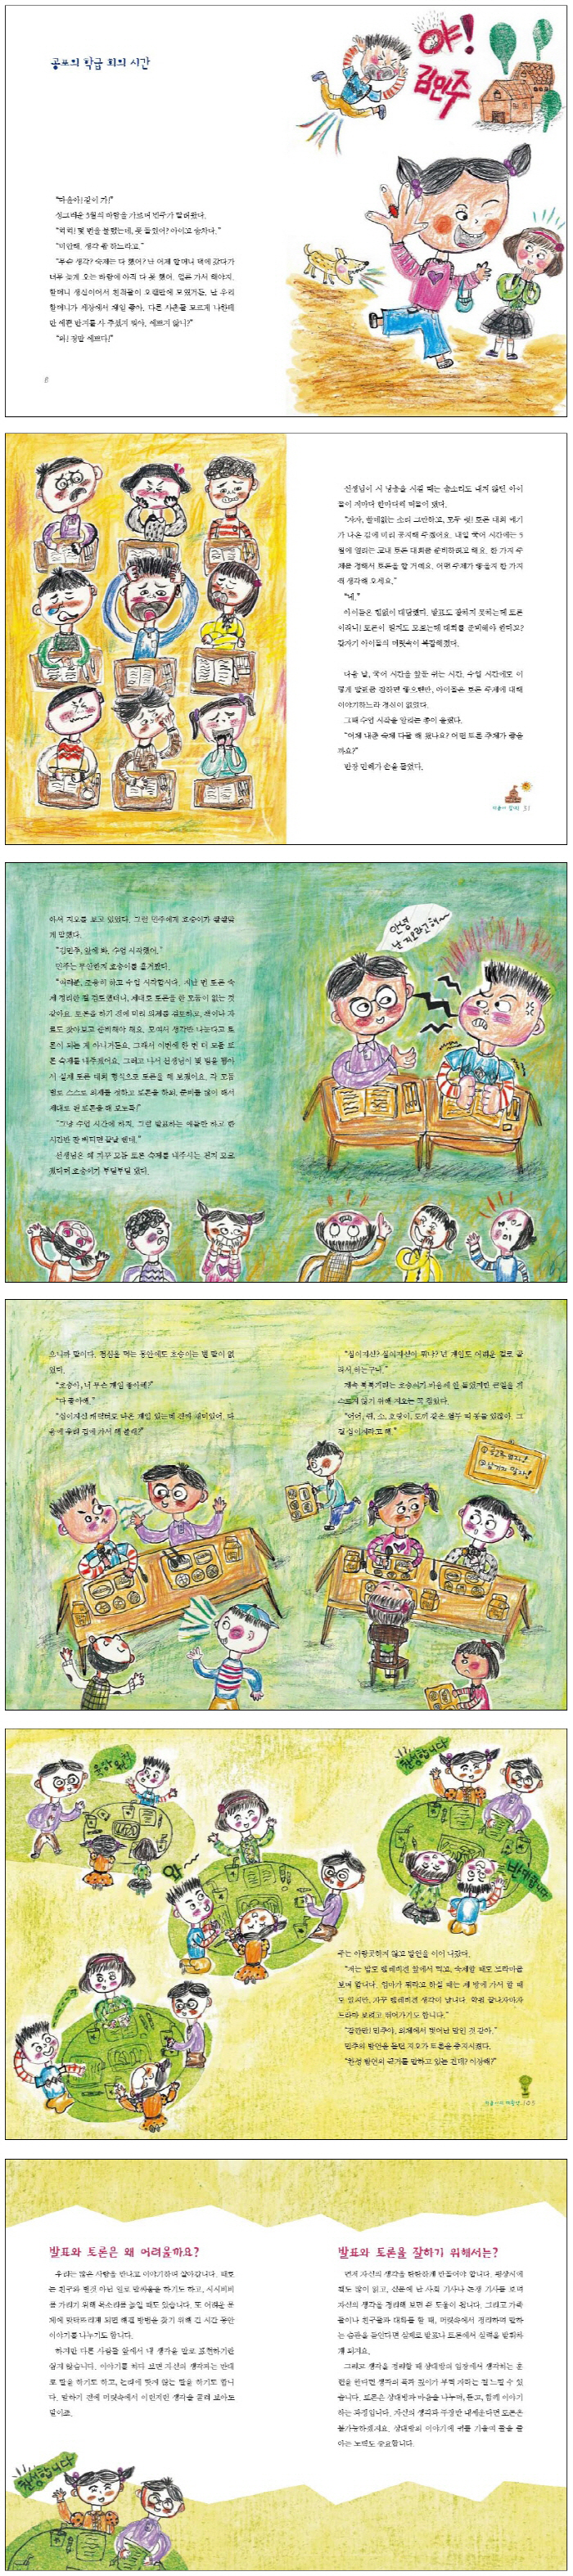 발표와 토론 습관(어린이를 위한)(정직과 용기가 함께하는 자기계발 동화 13) 도서 상세이미지